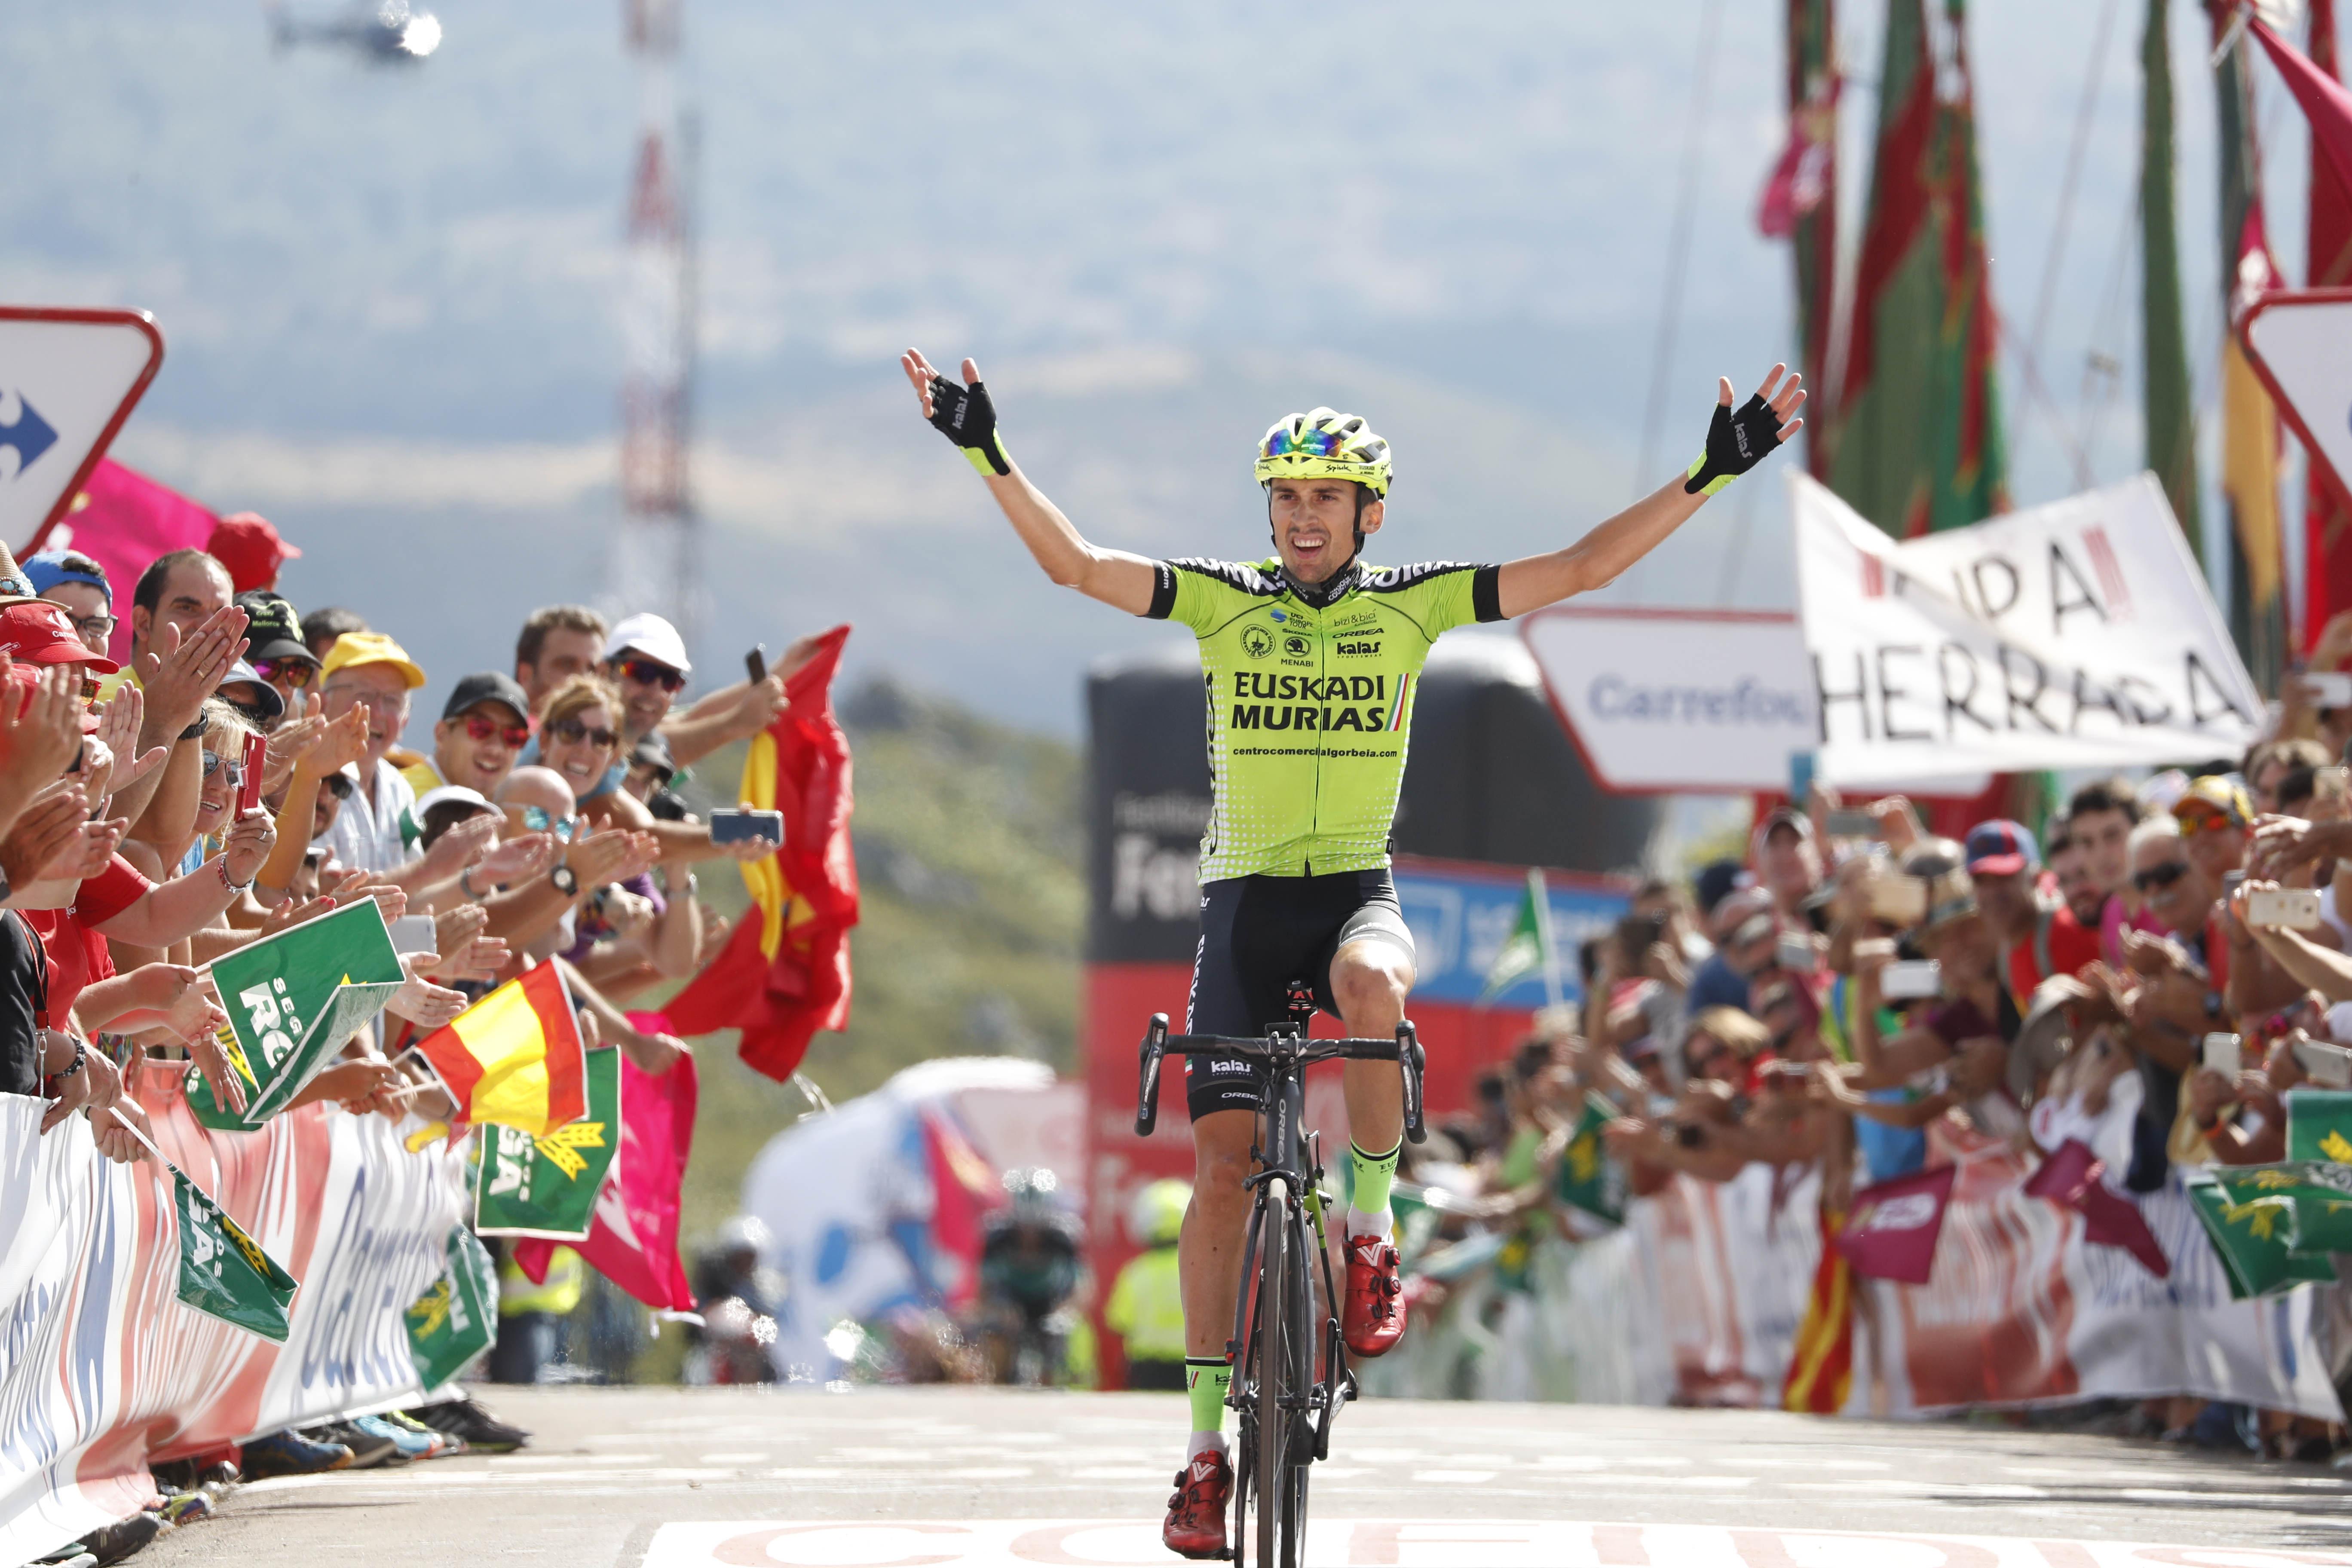 Prvo izmed serije gorskih etap dobil Rodriguez, Quintana pokazal zobe